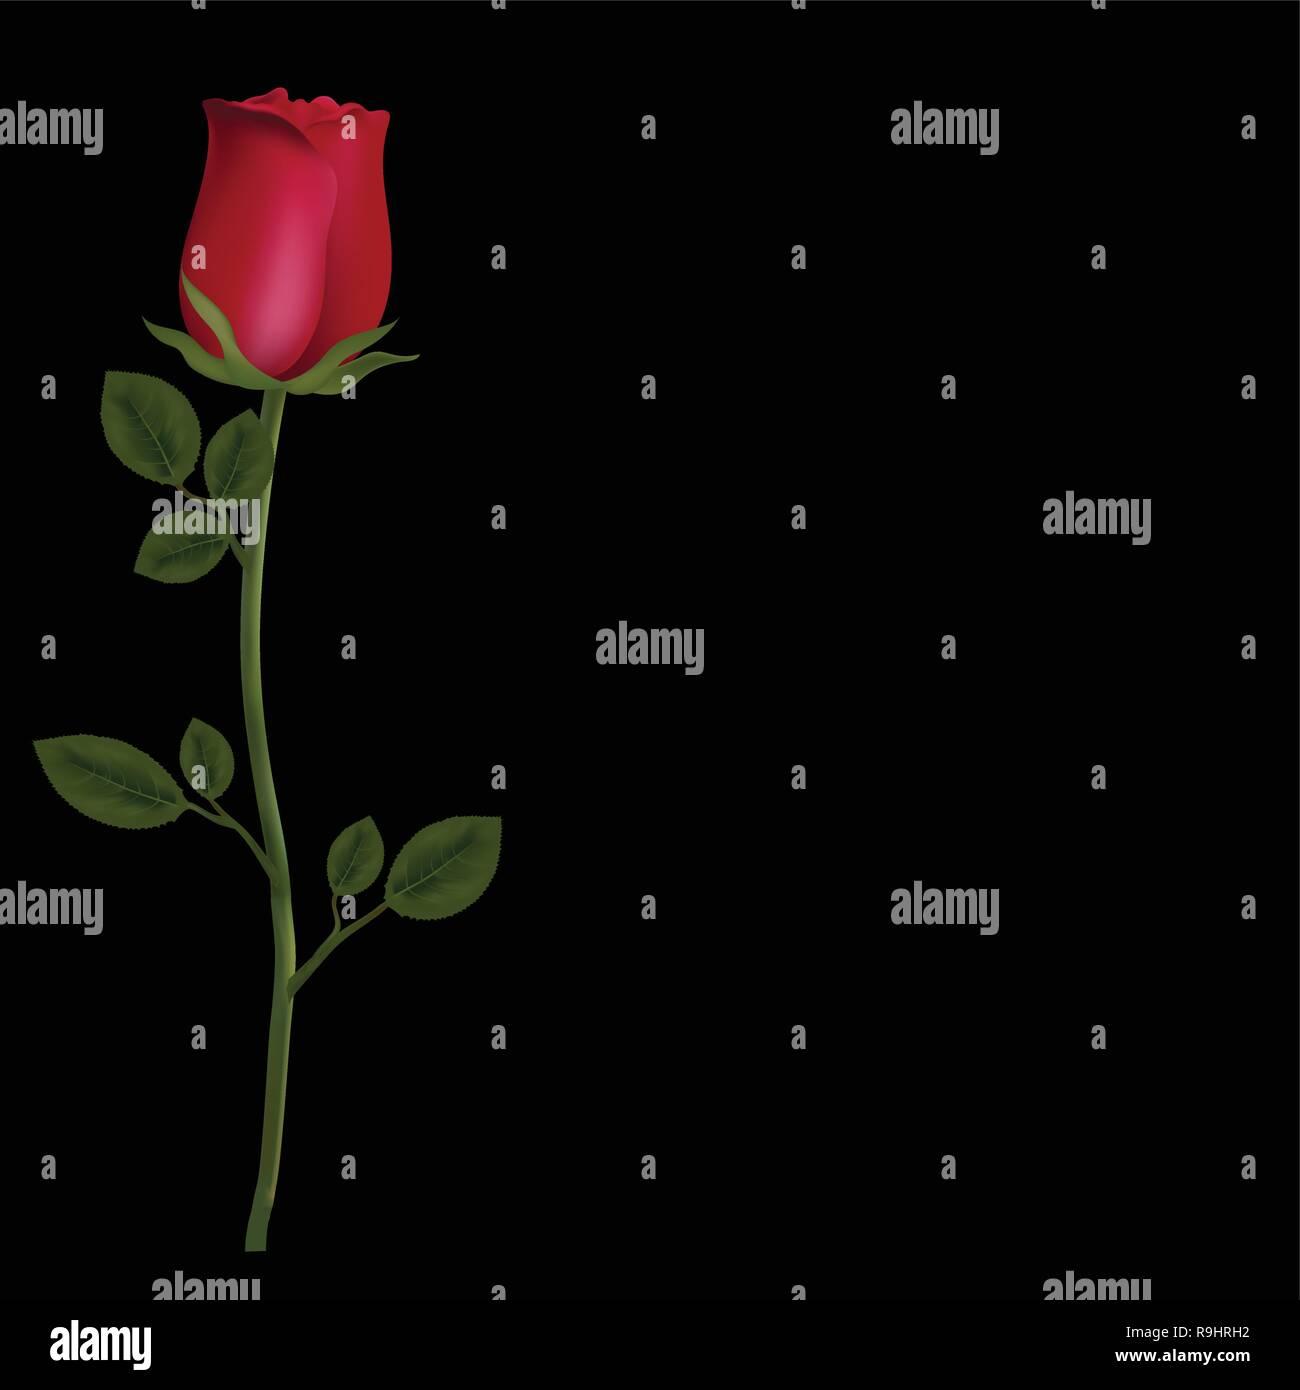 Vettore Foto Realistiche E Molto Dettagliata Di Fiori Rosa Rossa